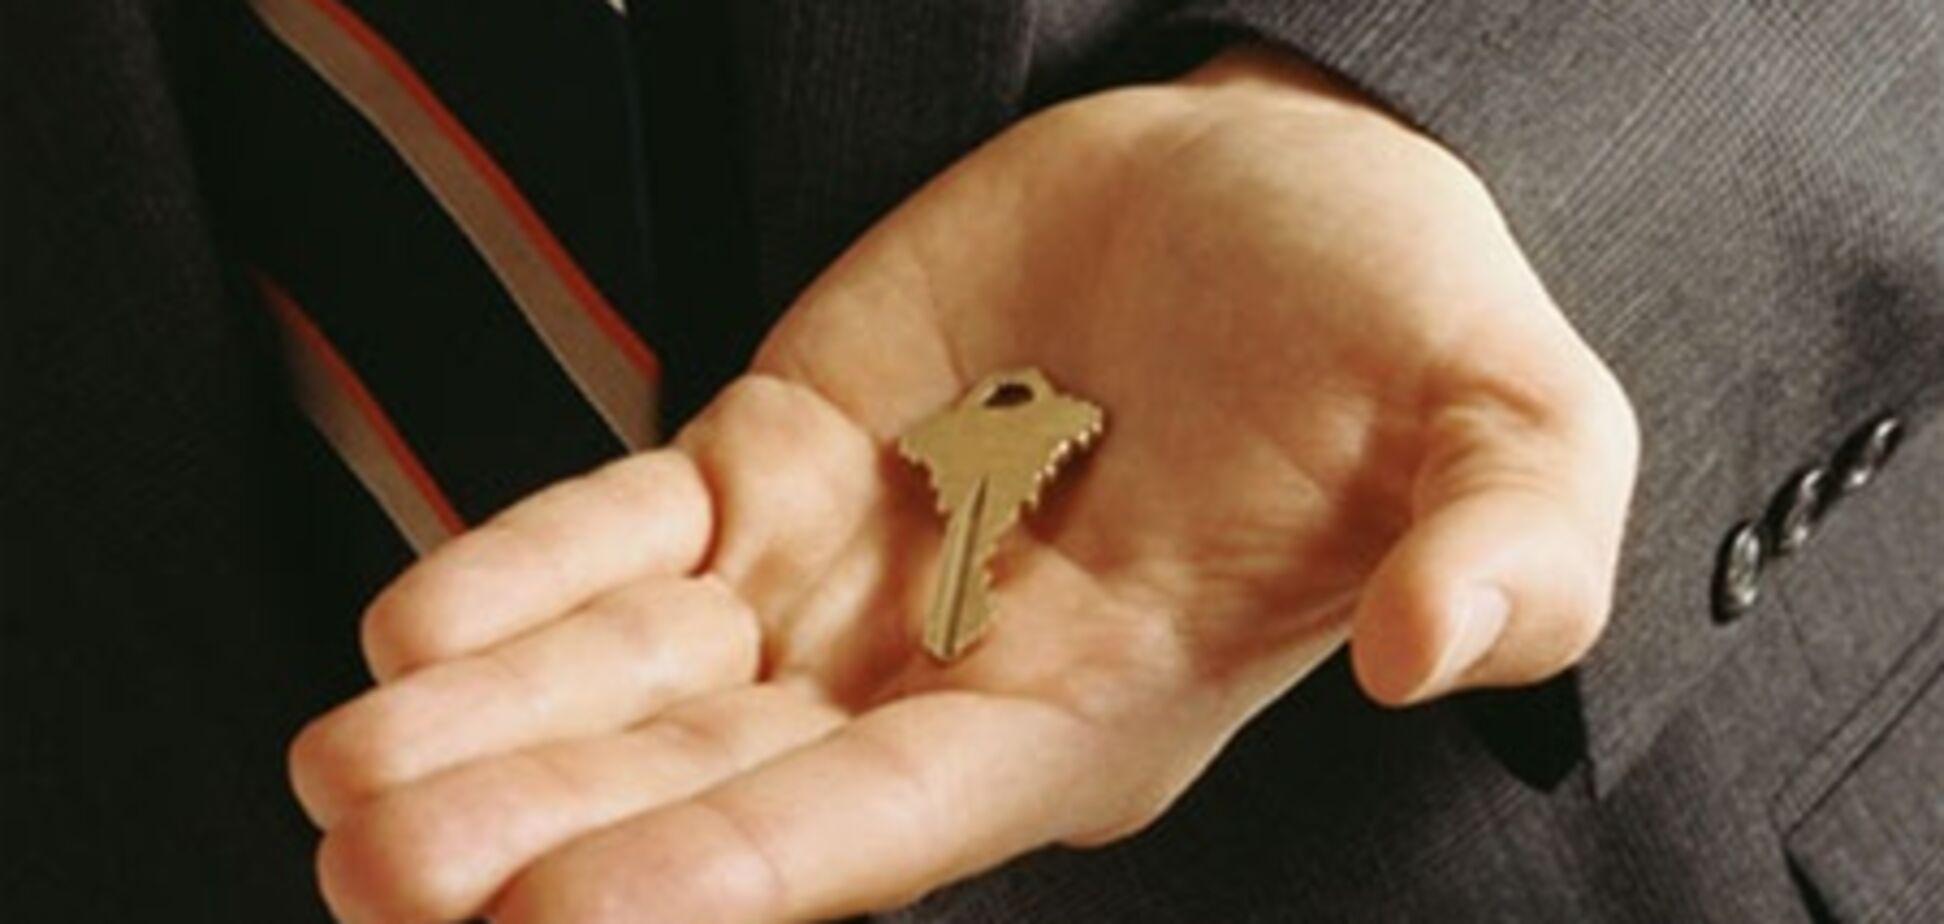 Как избежать проблем при аренде недвижимости - советы экспертов